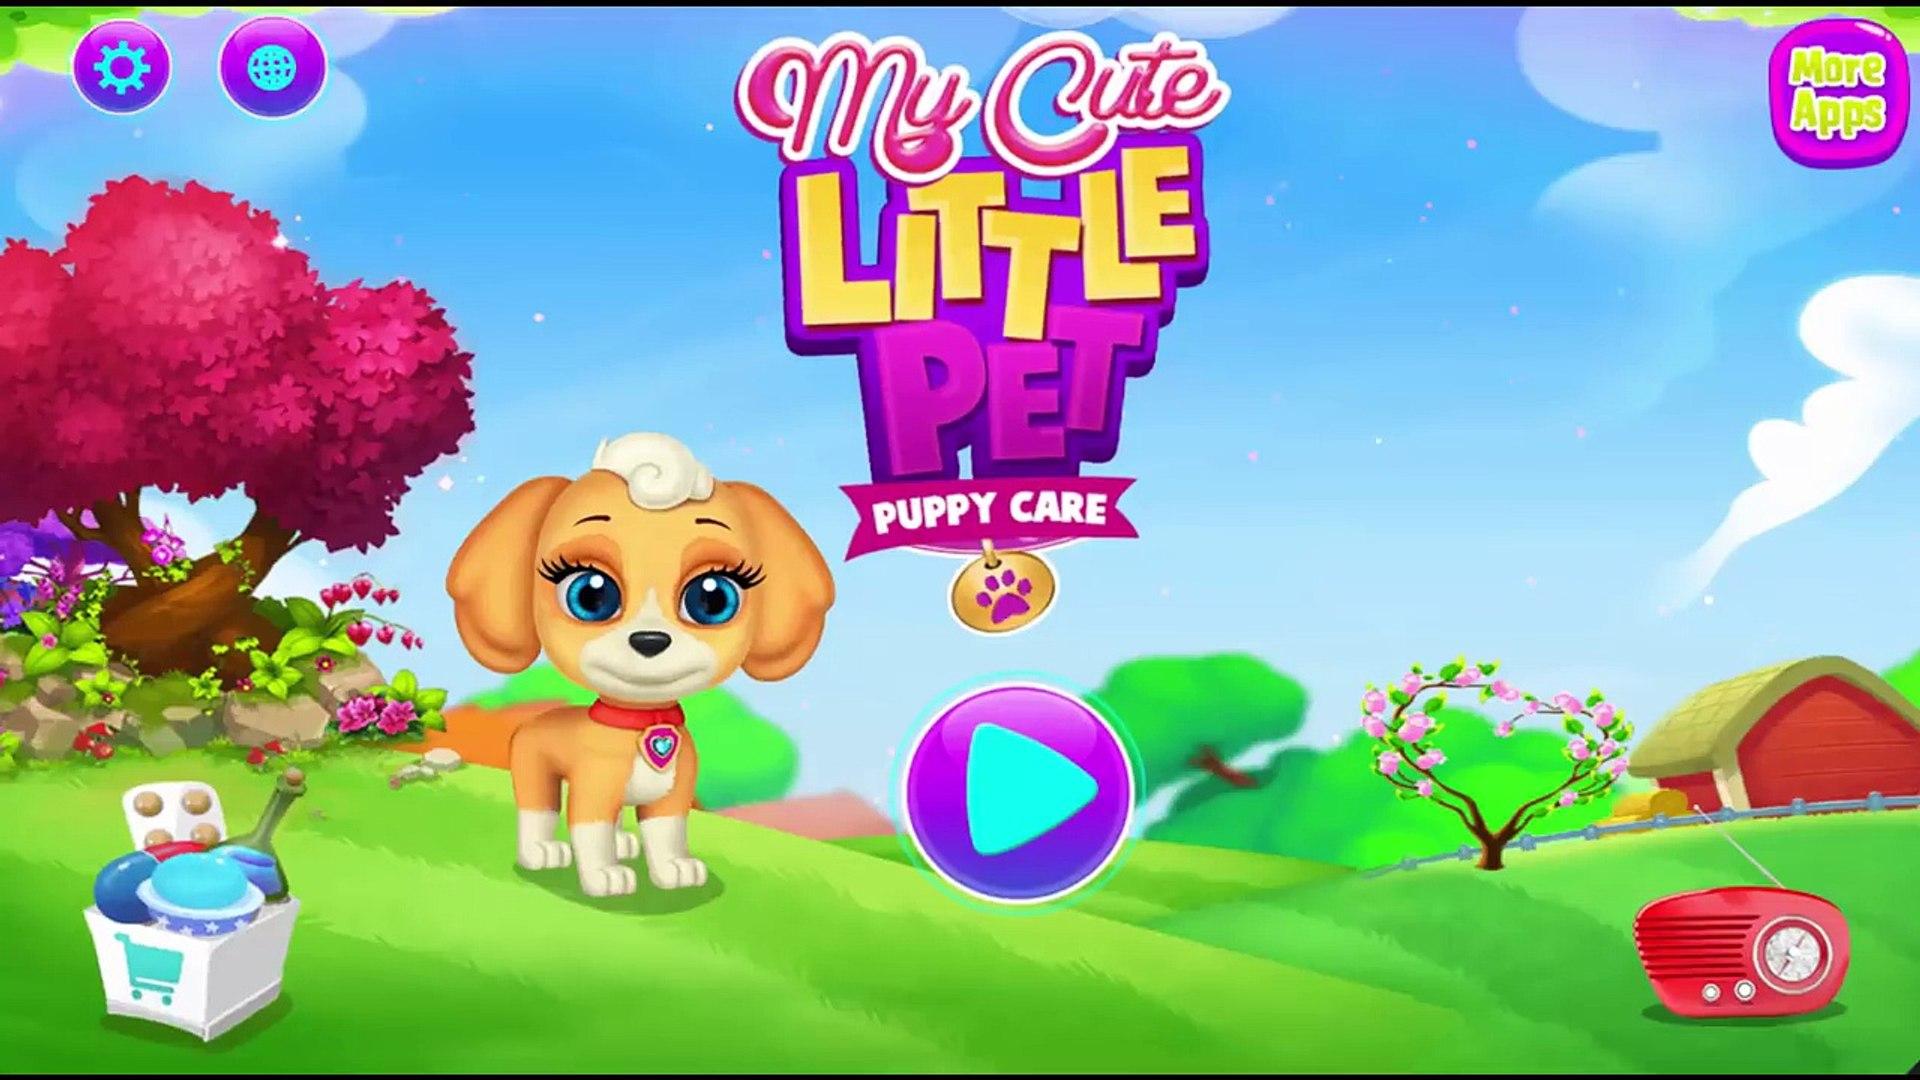 My Cute Little Pet - Kids Learn to Care Cute Little Puppy | Education Kids TV